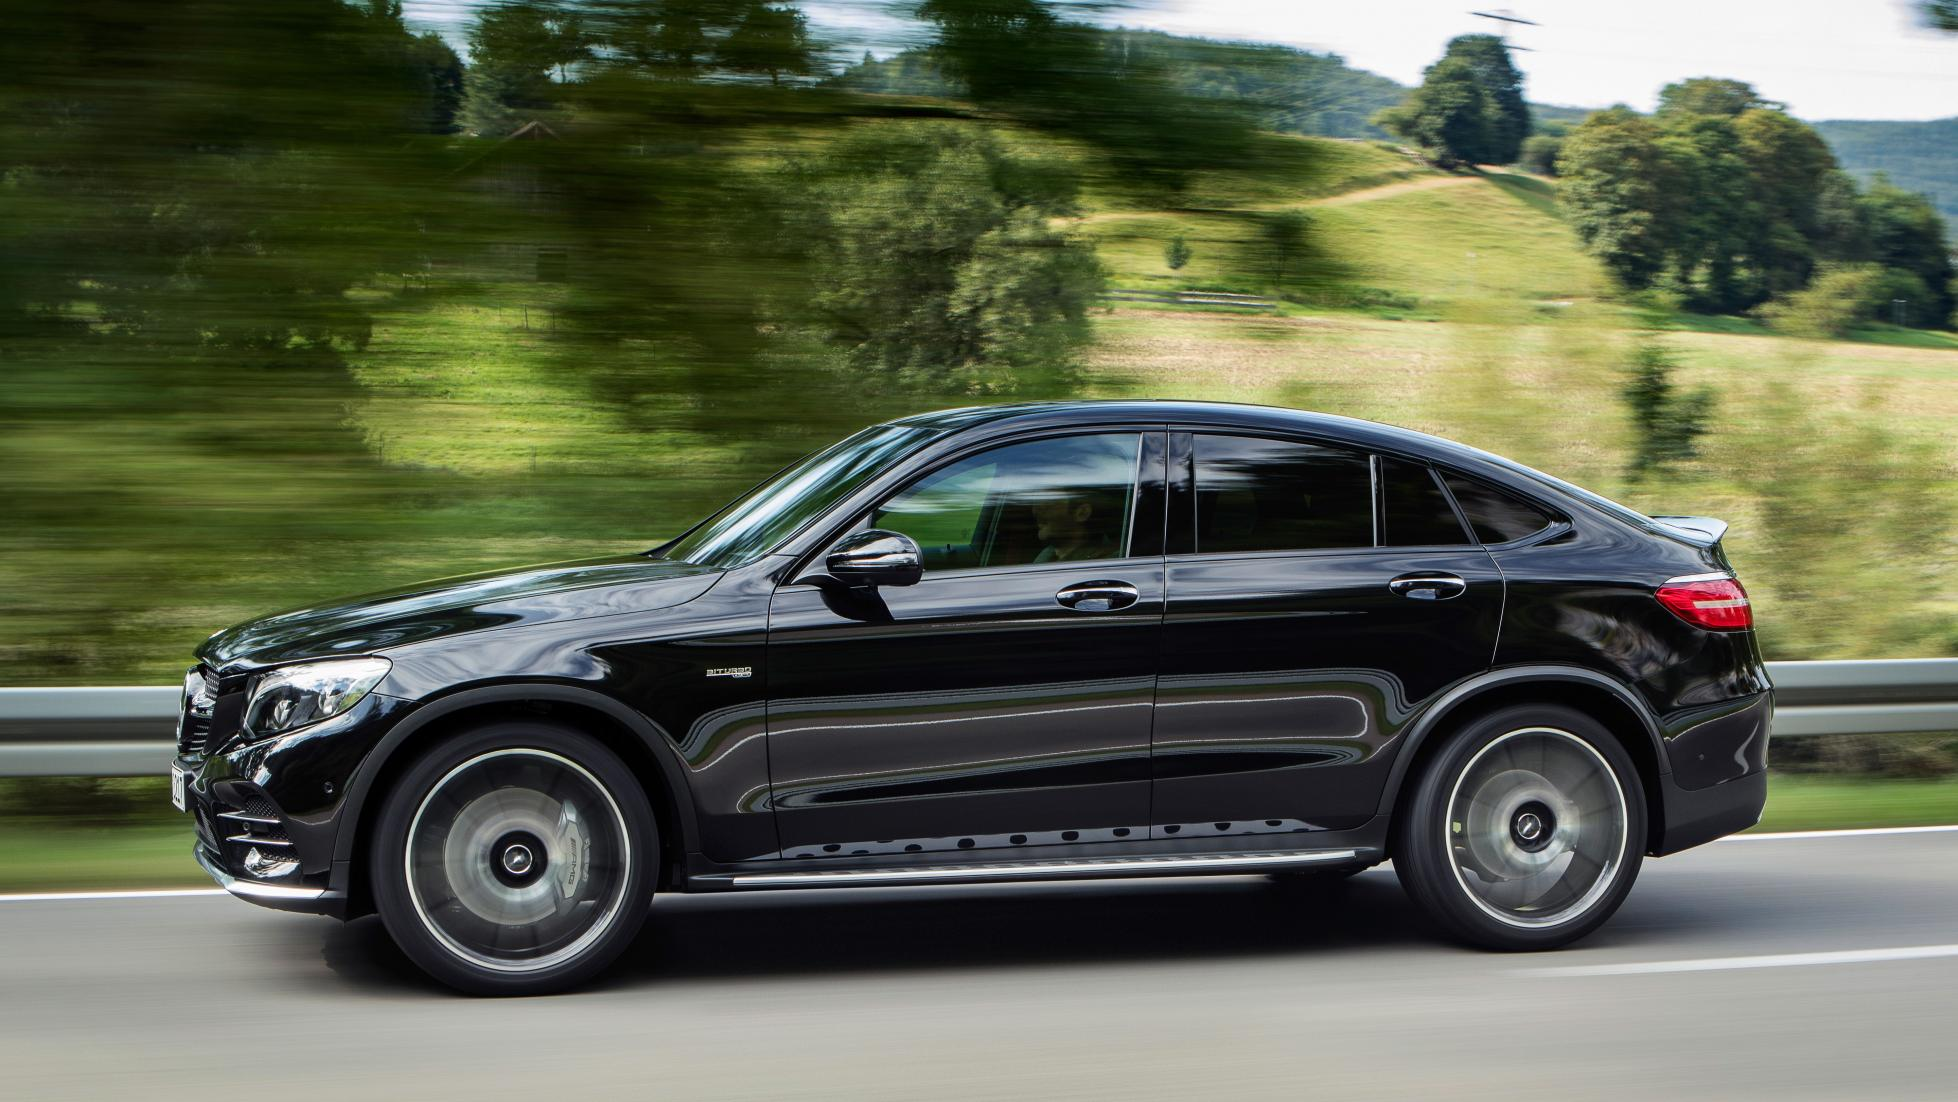 Mercedes Glc 43 Amg Asphalted